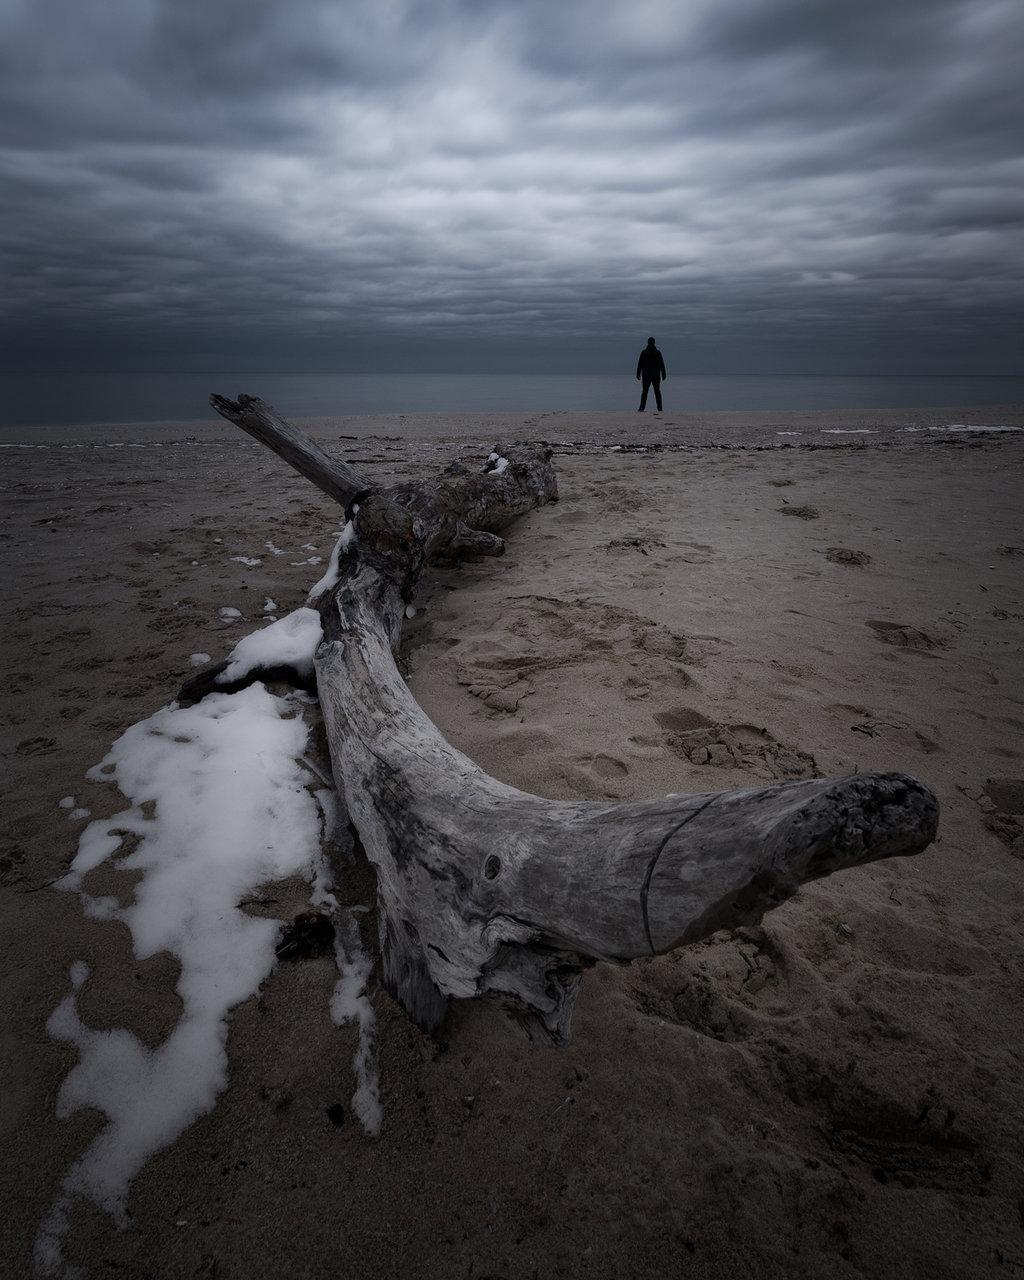 морско | Author Mihail Minkov - takama | PHOTO FORUM